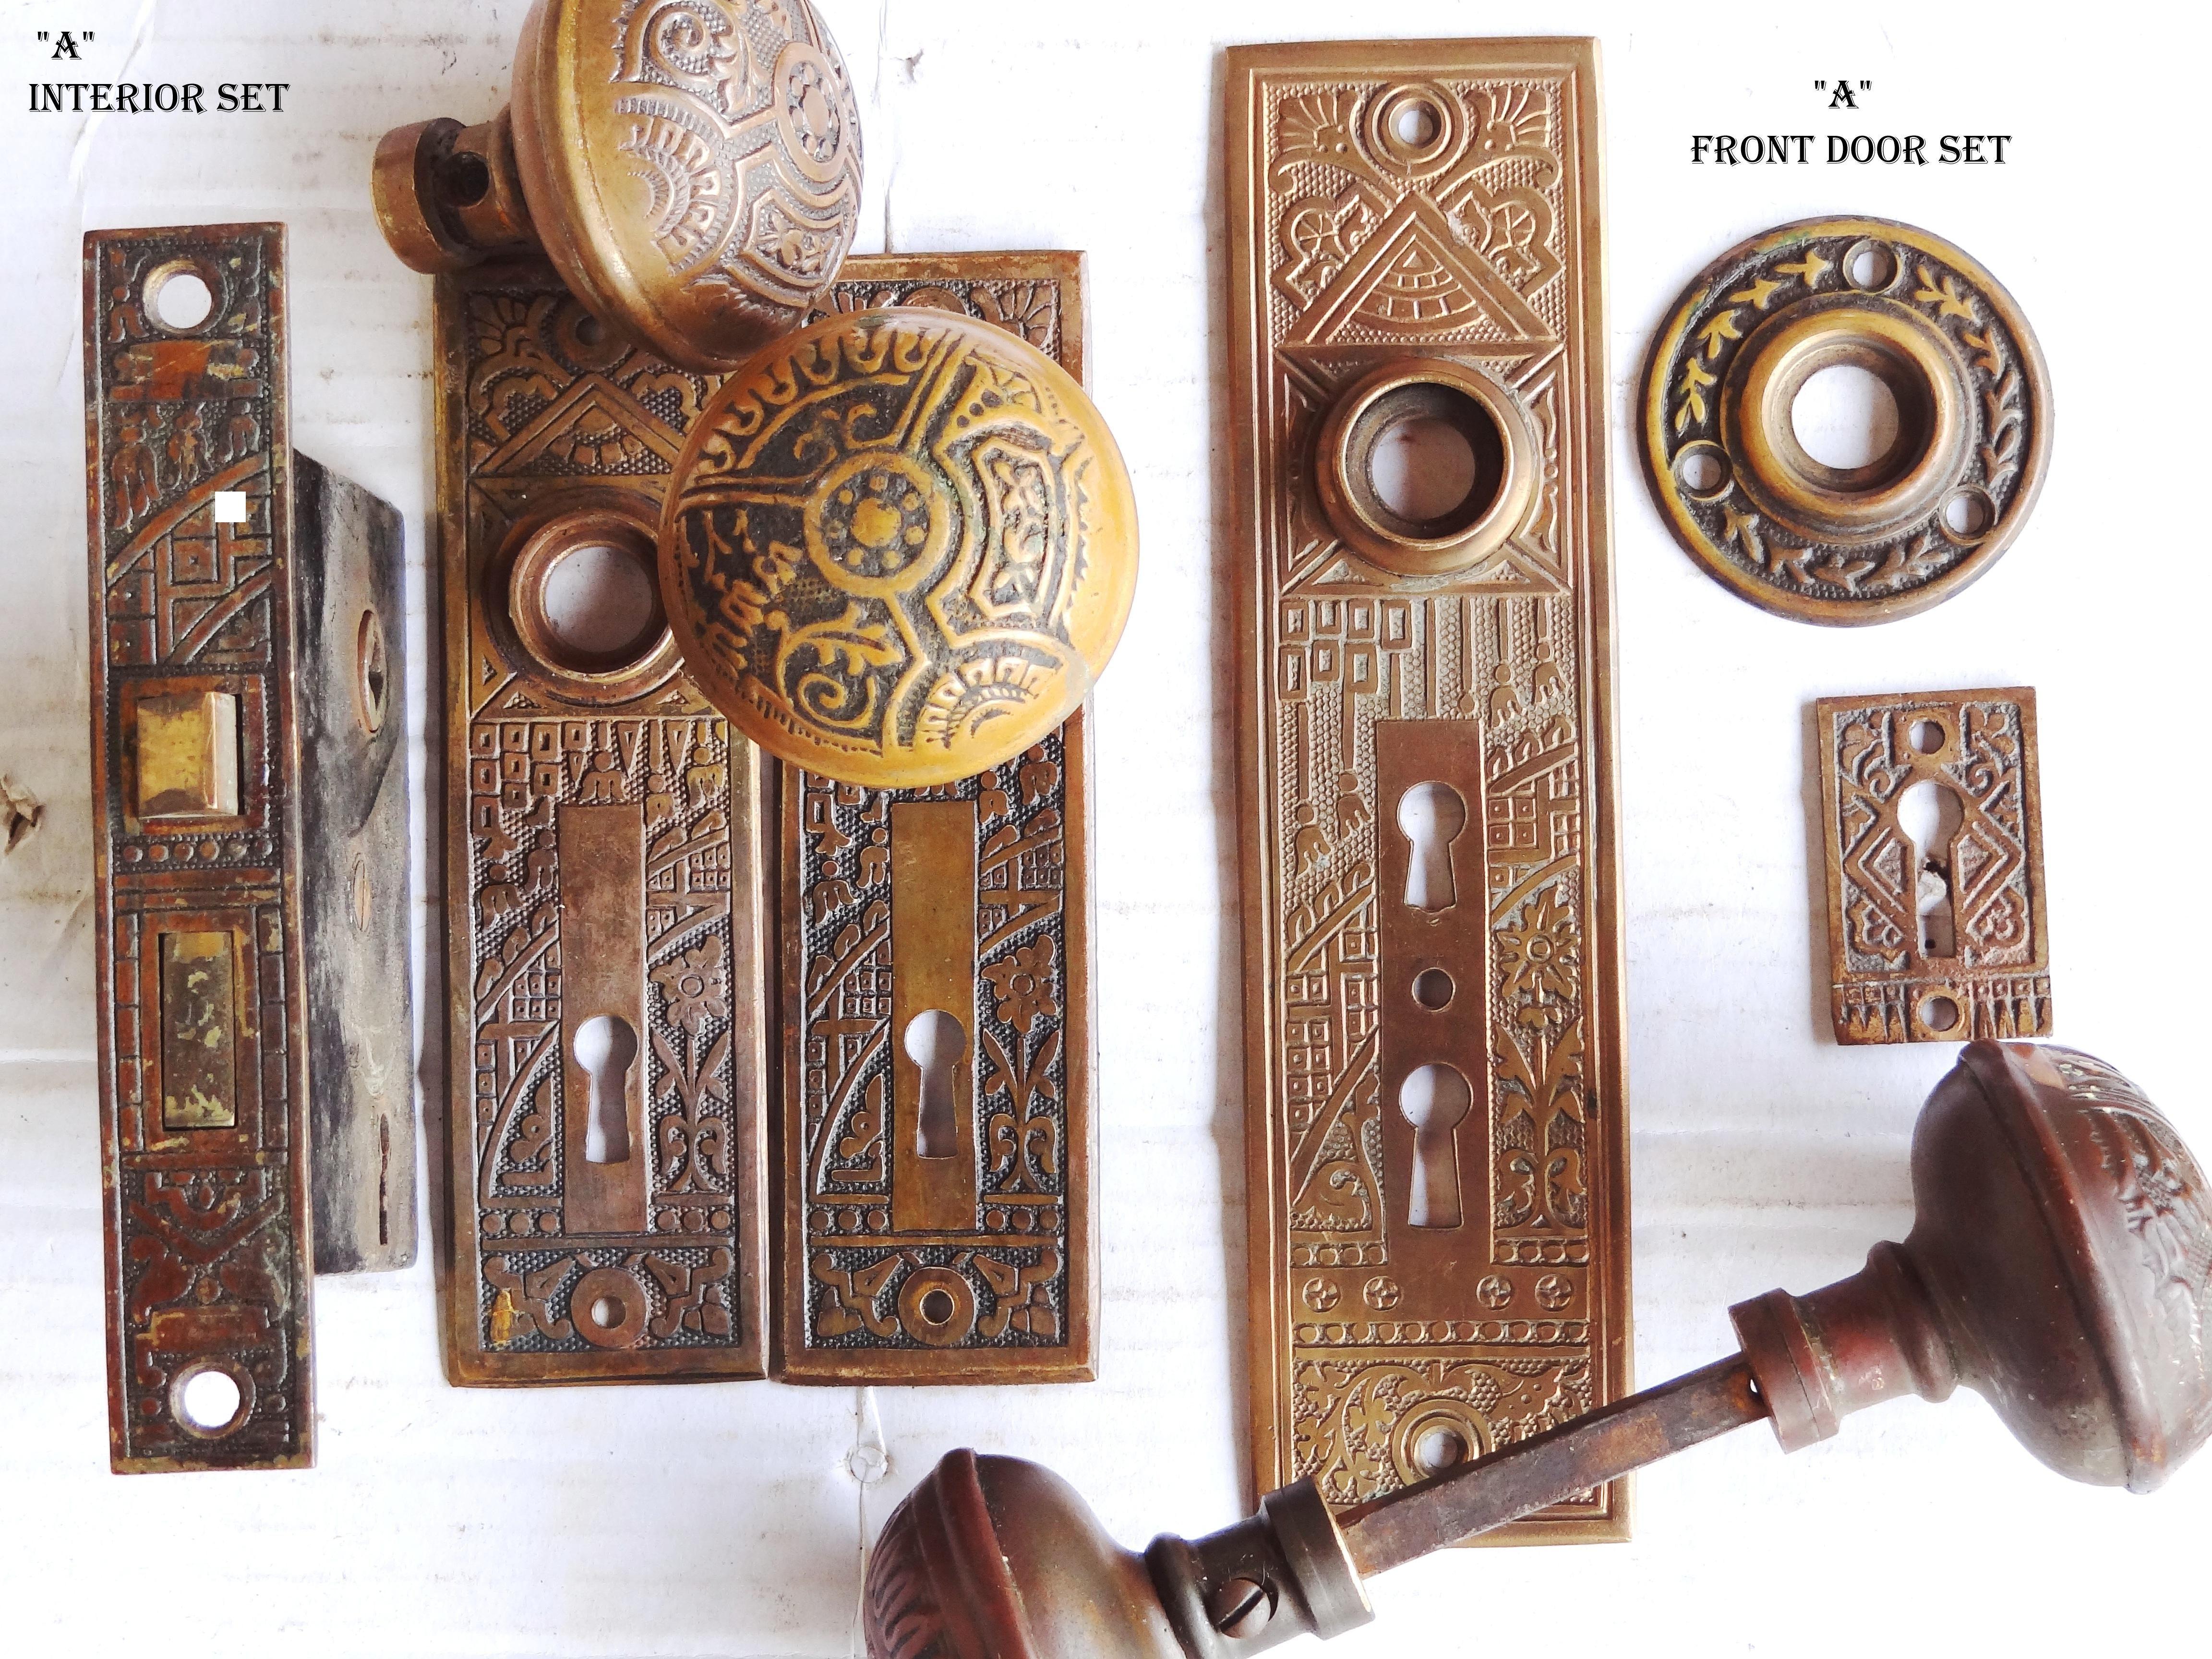 Antique door plates and knobs retrocomputinggeek